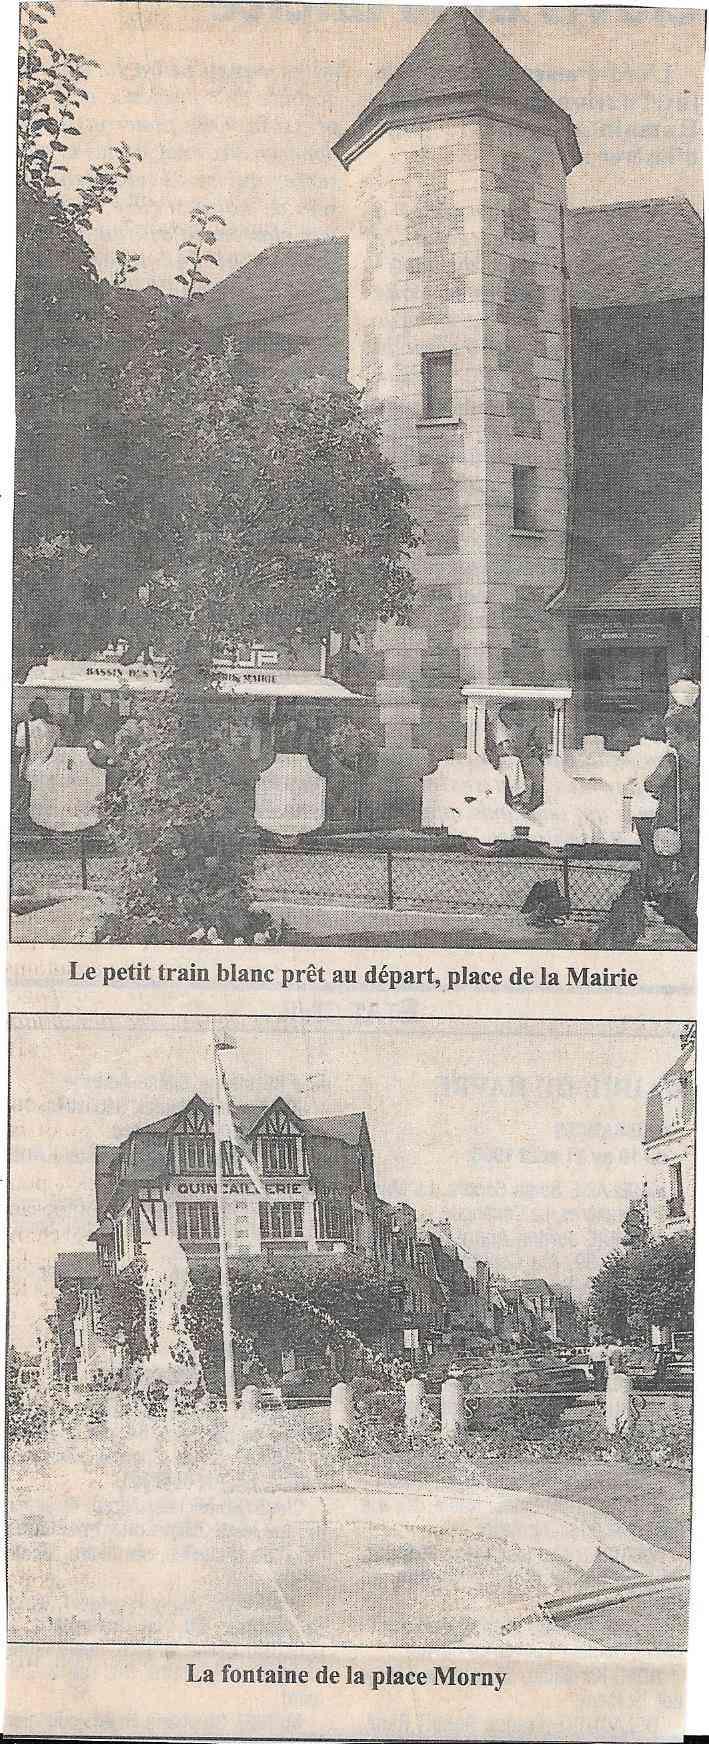 Histoire des communes - Deauville 1211